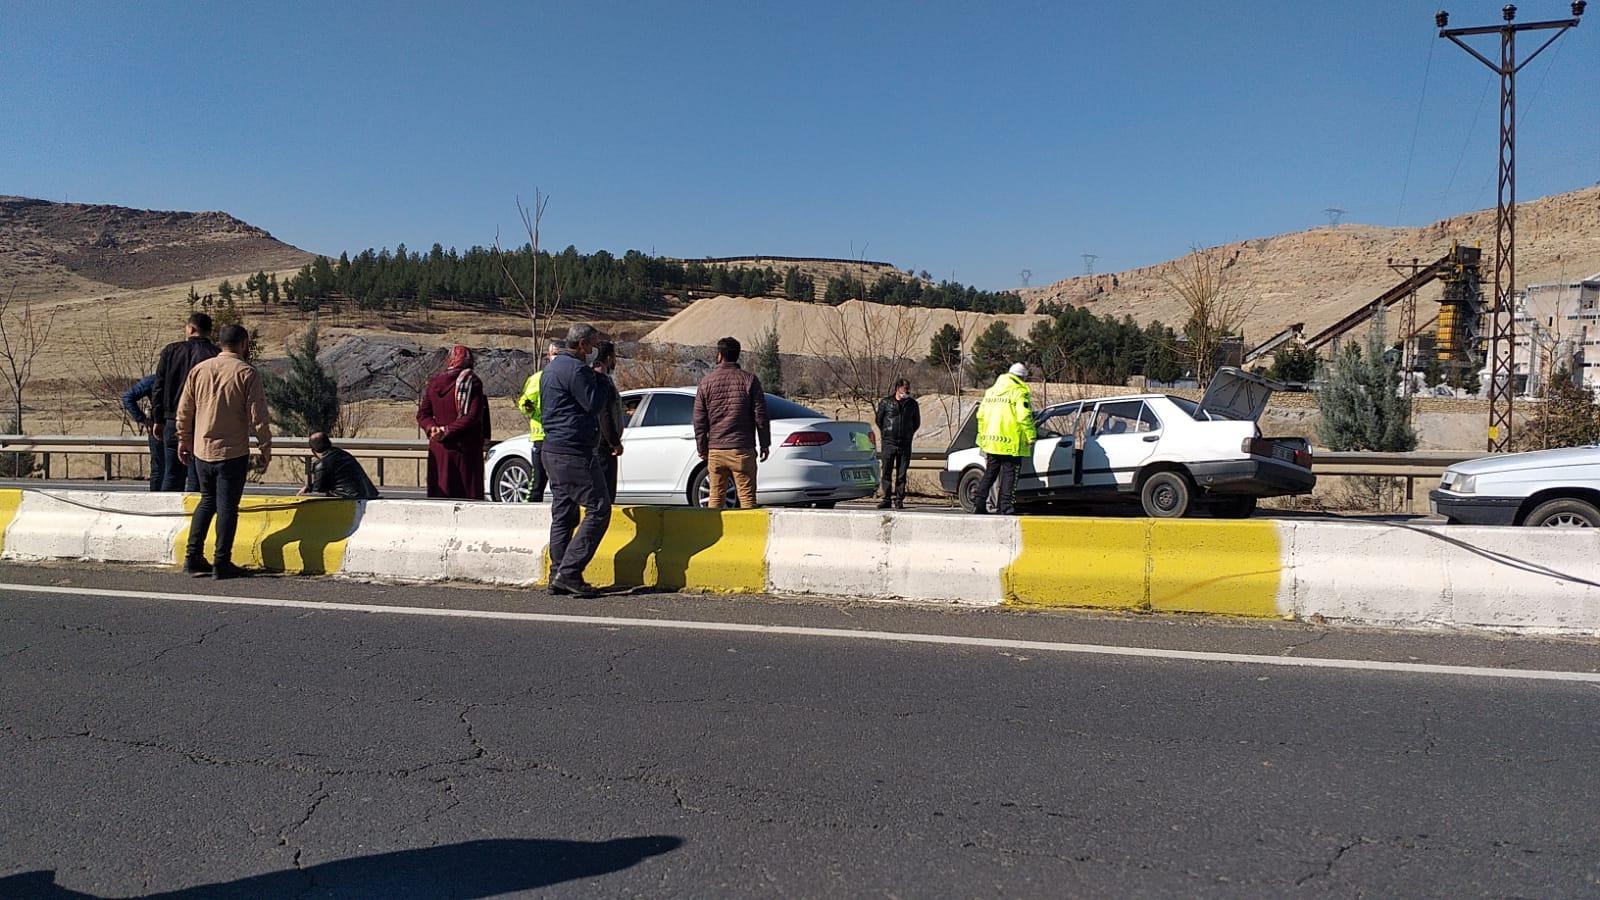 Türkmen Deresi geçidinde iki araç çarpıştı: 1 ağır yaralı